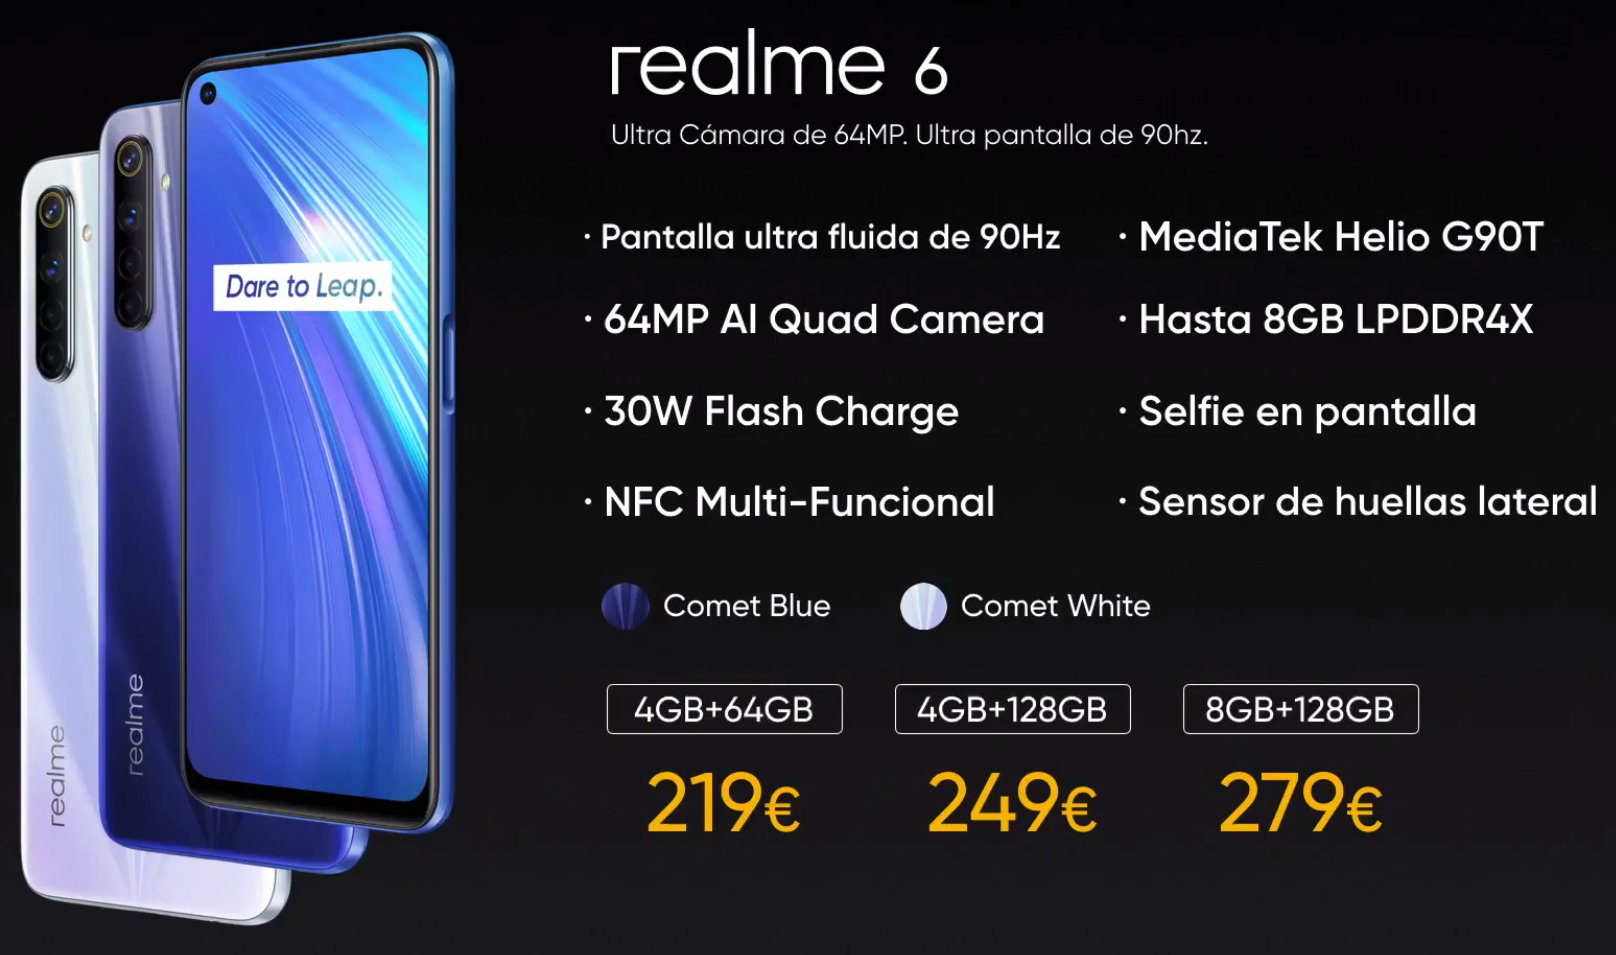 Realme presenta en España sus nuevos smartphones series 6 y el gama de entrada C3 30